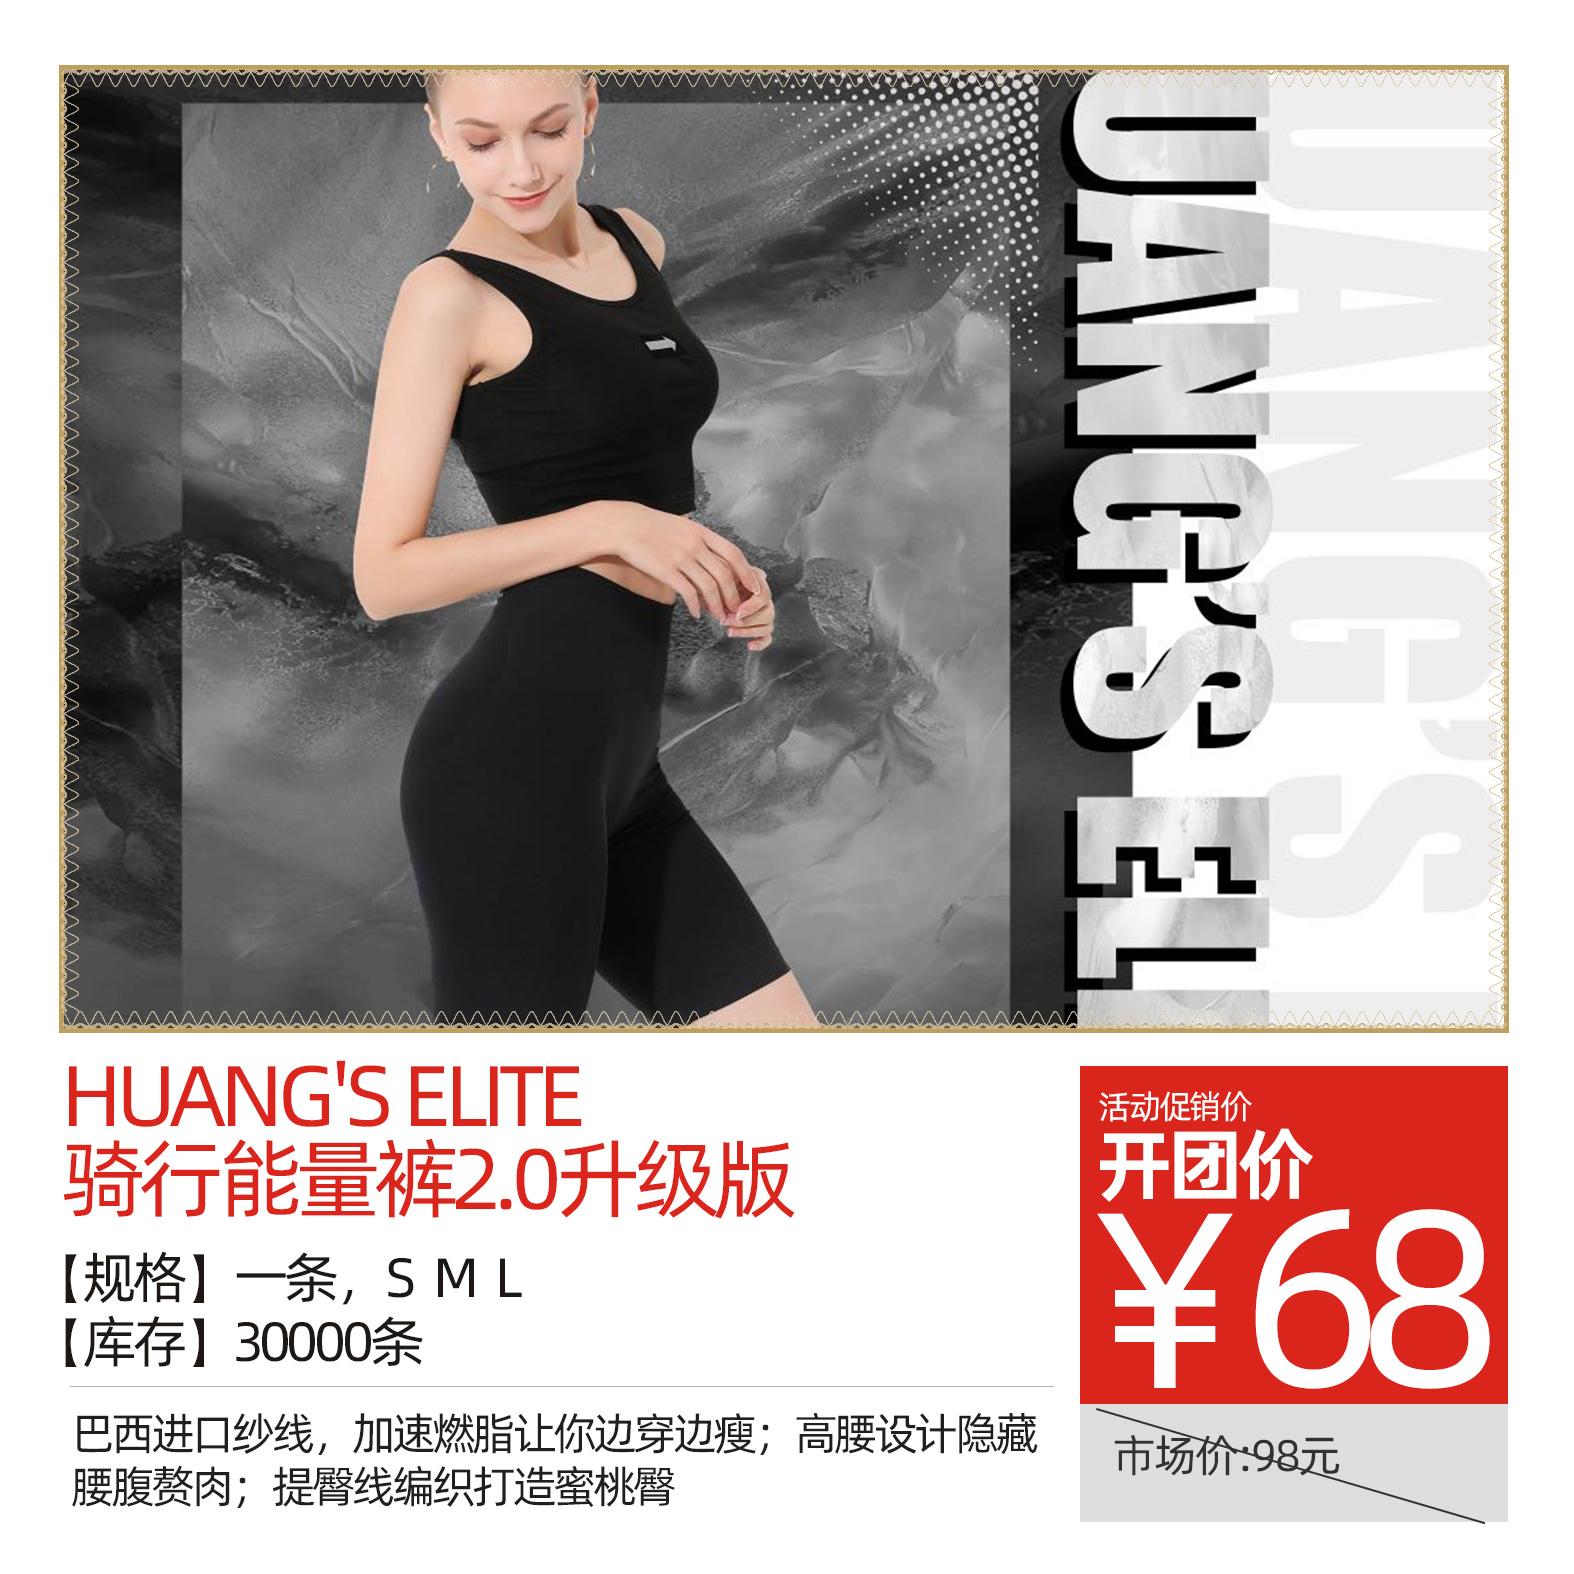 Huang's?Elite骑行能量裤2.0升级版